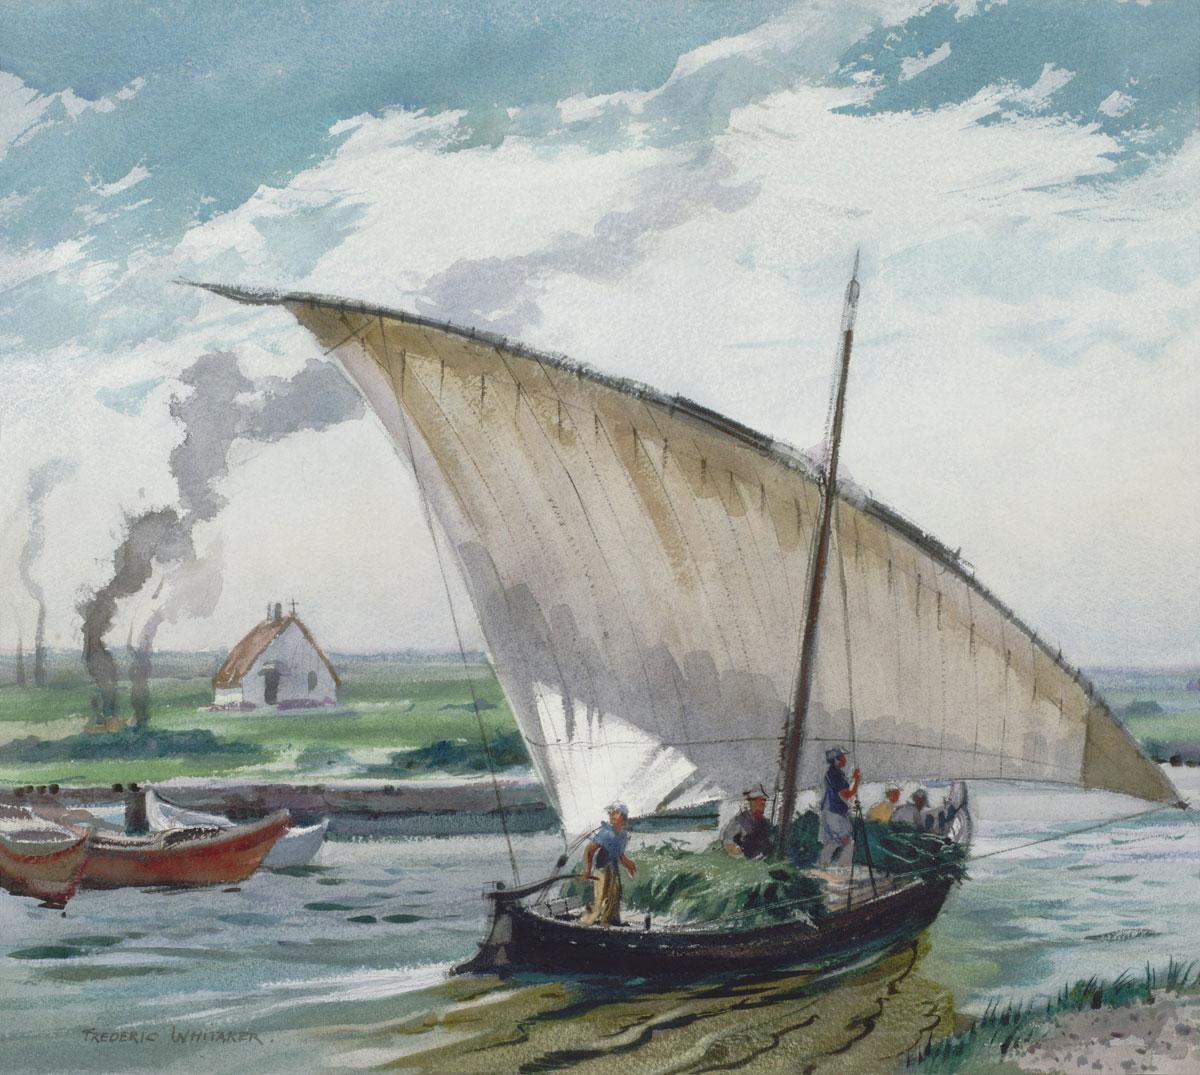 """""""Albufera Boat"""" 1956 © Frederic Whitaker 22x24.5 inches"""